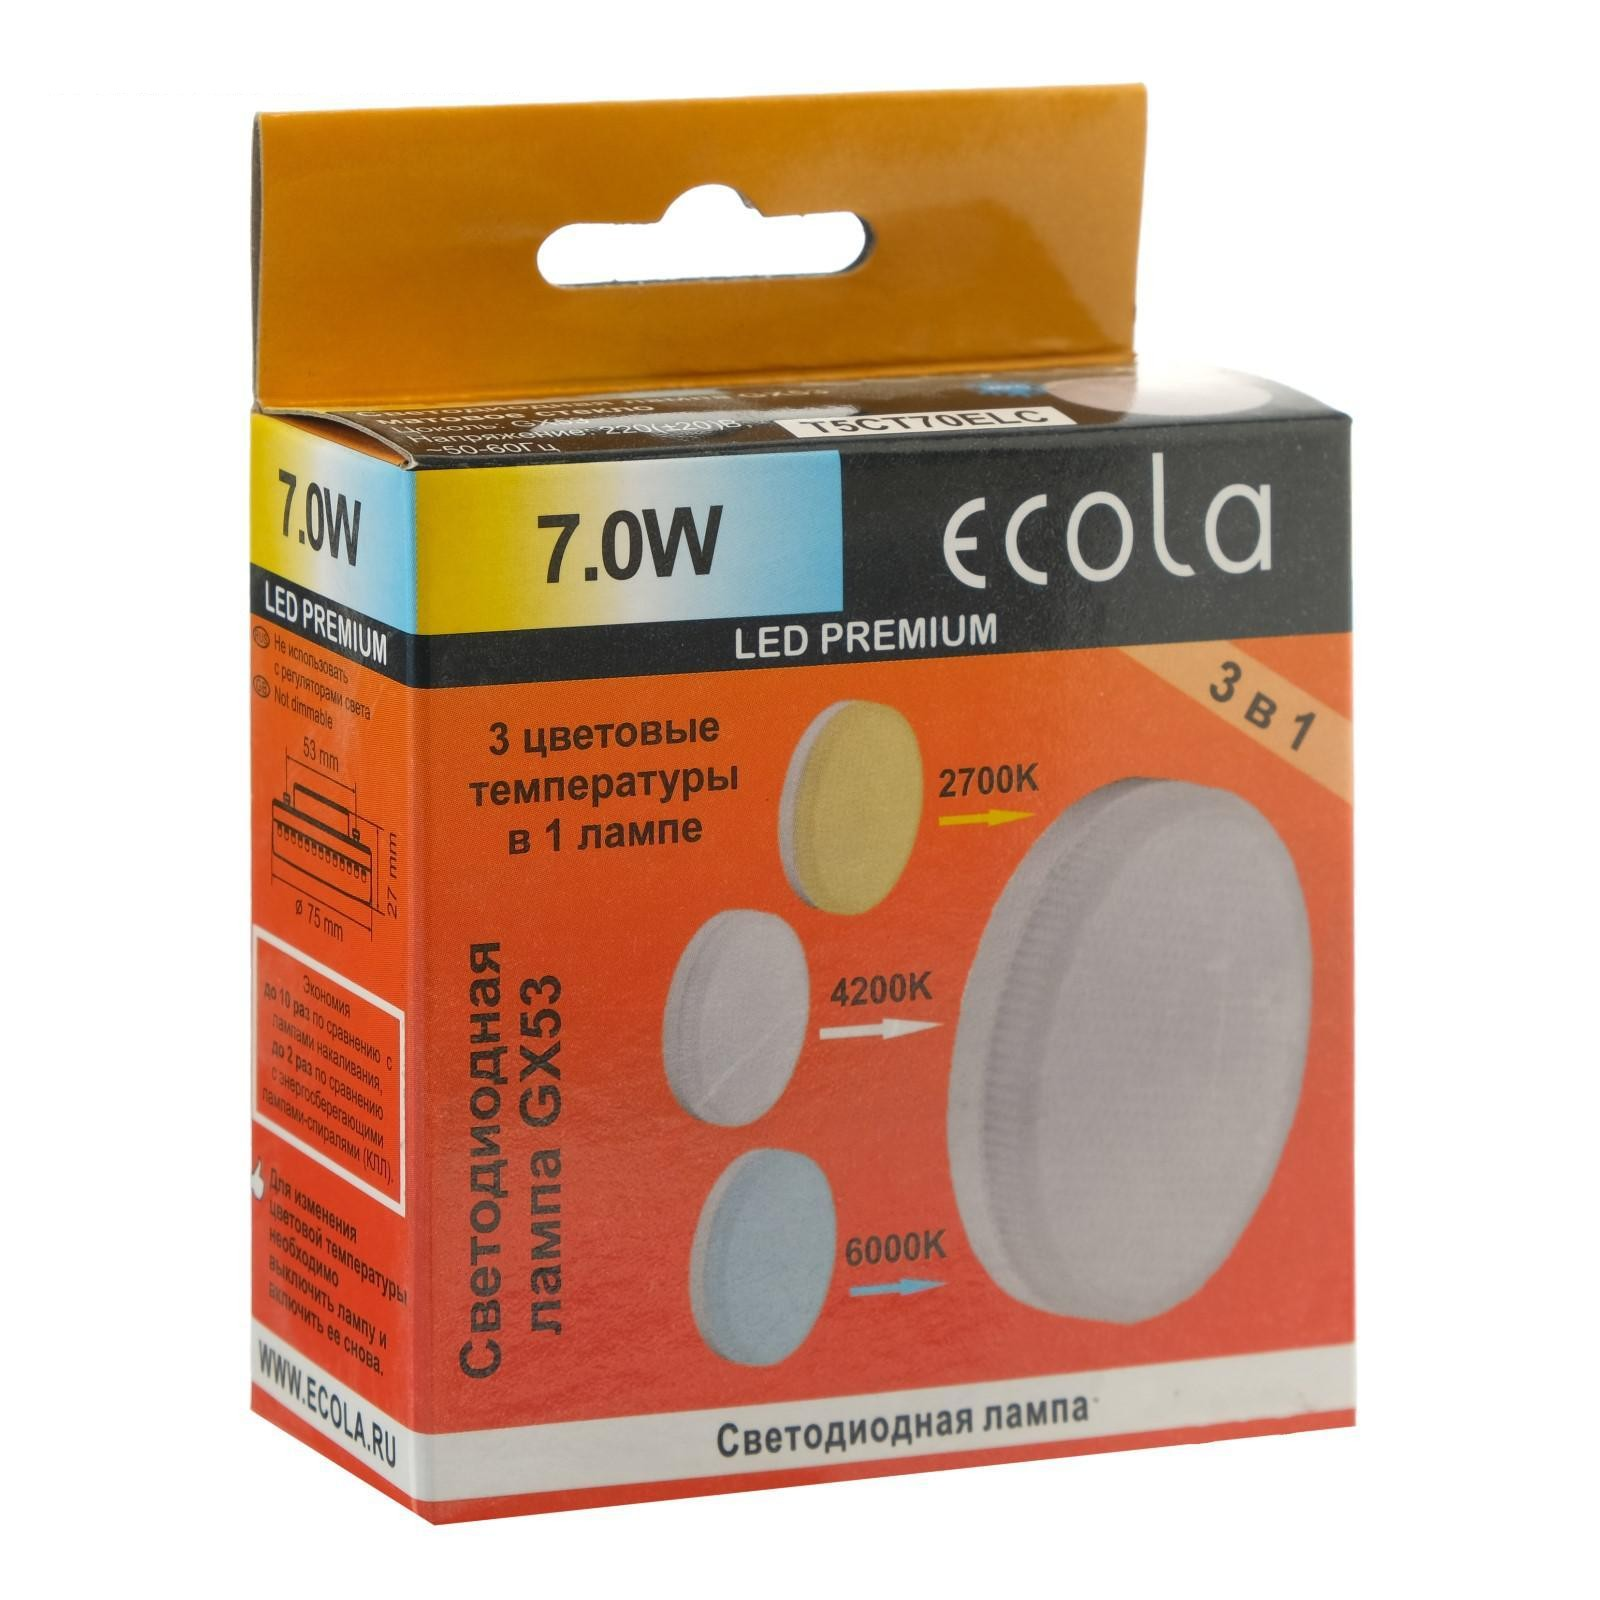 Энергосберегающие лампы ecola — отзывы. негативные, нейтральные и положительные отзывы